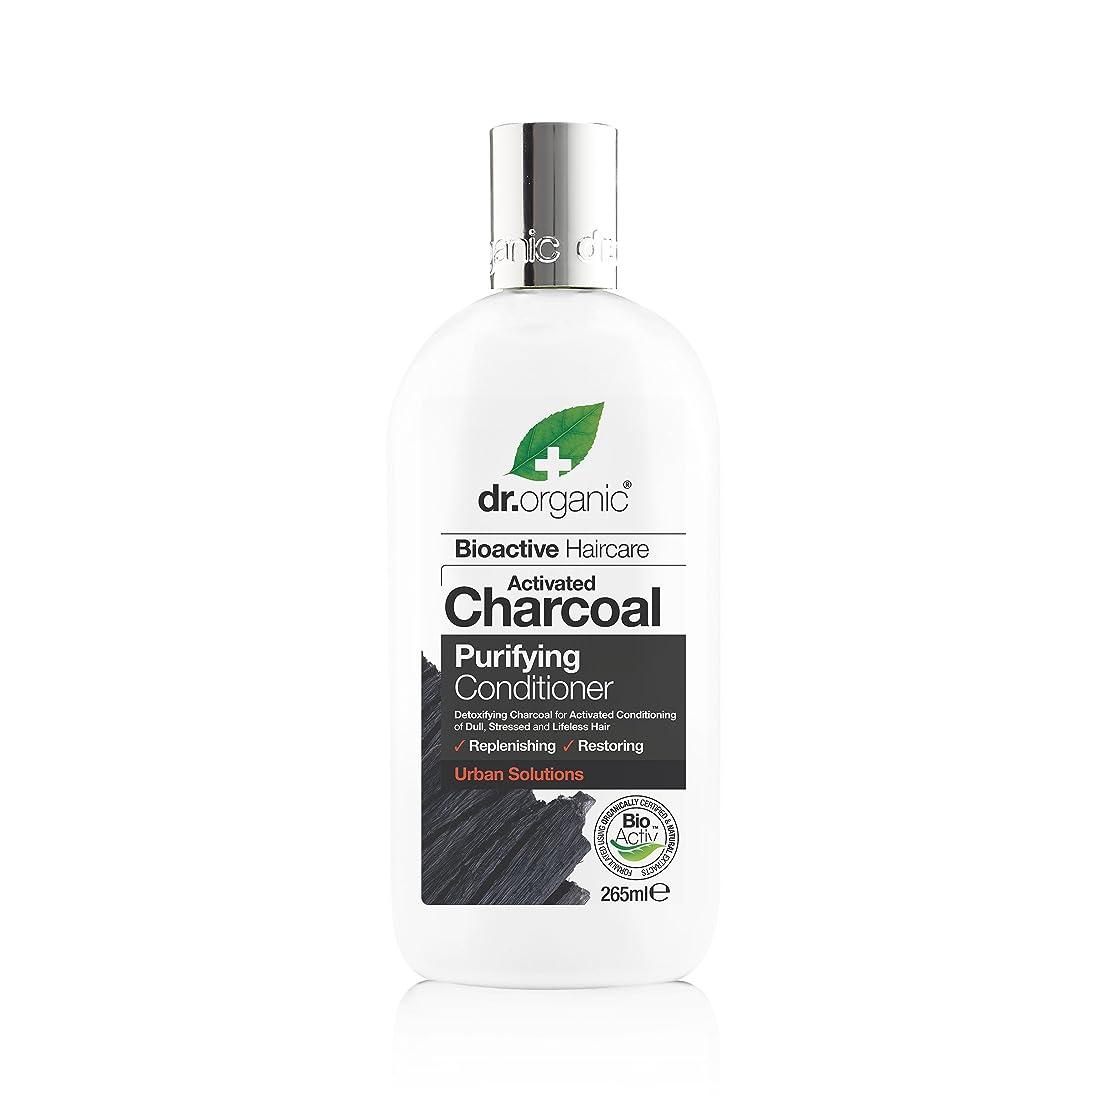 口述する飾り羽準備したドクターオーガニックバーム浄化活性炭 - 265 ml